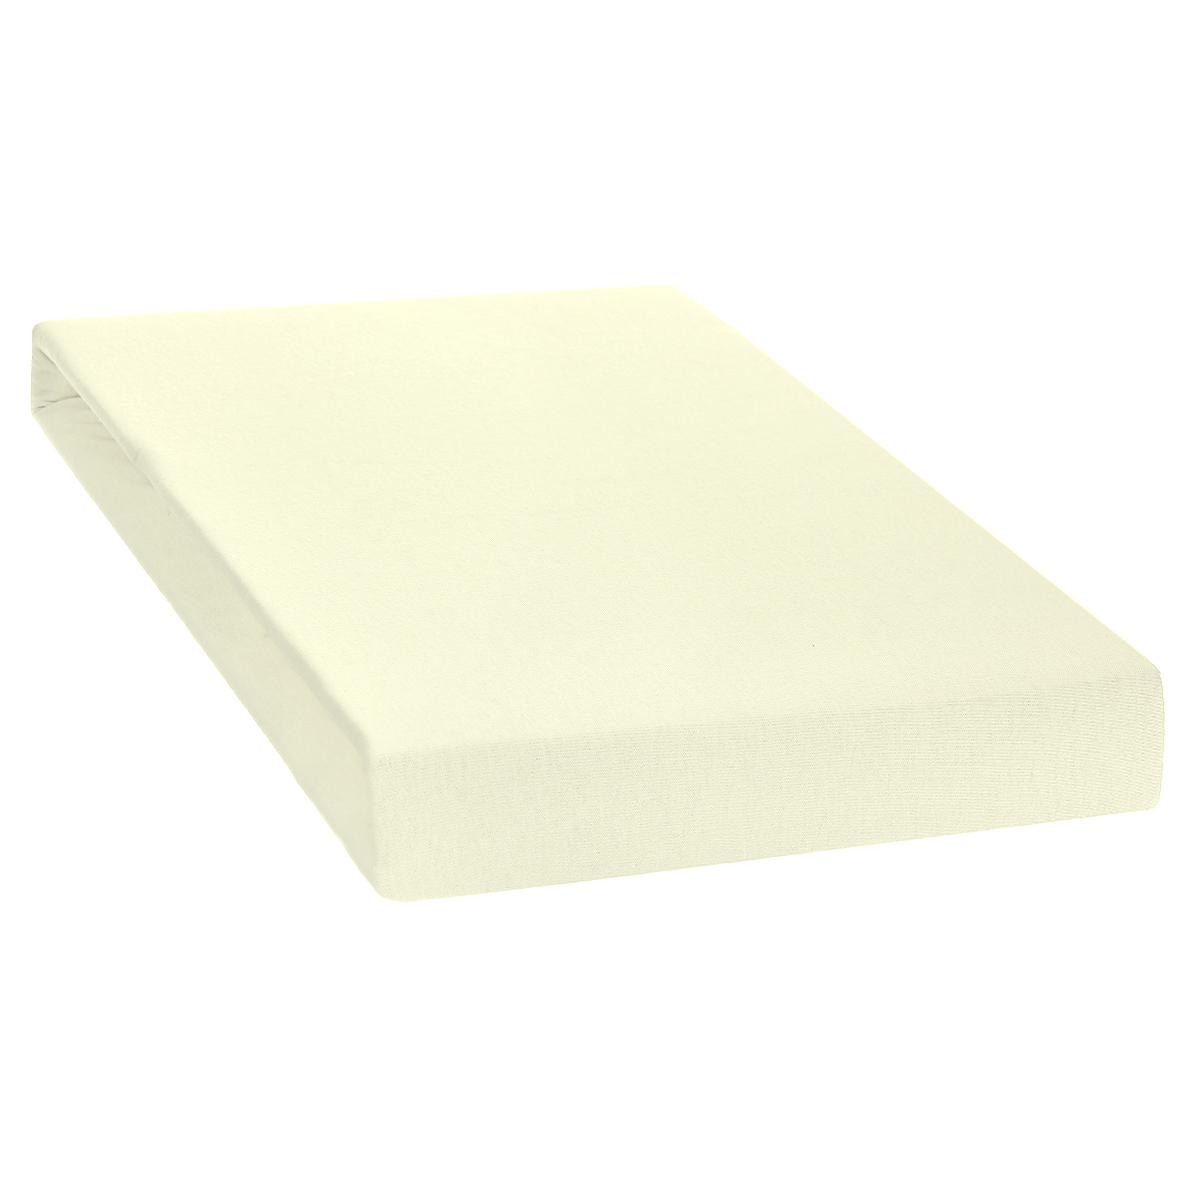 Простыня на резинке Tete-a-Tete, цвет: лимон, 180 см х 200 смТ-ПР-6010Однотонная простыня на резинке Tete-a-Tete выполнена из натурального хлопка. Высочайшее качество материала гарантирует безопасность не только взрослых, но и самых маленьких членов семьи. Простыня гармонично впишется в интерьер вашего дома и создаст атмосферу уюта и комфорта. Особенности коллекции Tete-a-Tete: - выдерживает более 100 стирок практически без изменения внешнего вида, - модные цвета и стойкие оттенки, - минимальная усадка, - надежные резинки и износостойкая ткань, - безупречное качество, - гиппоаллергенно. Коллекция Tete-a-Tete специально создана для практичных людей, которые ценят качество и долговечность вещей, окружают своих близких теплотой и заботой. Высота до 25 см.